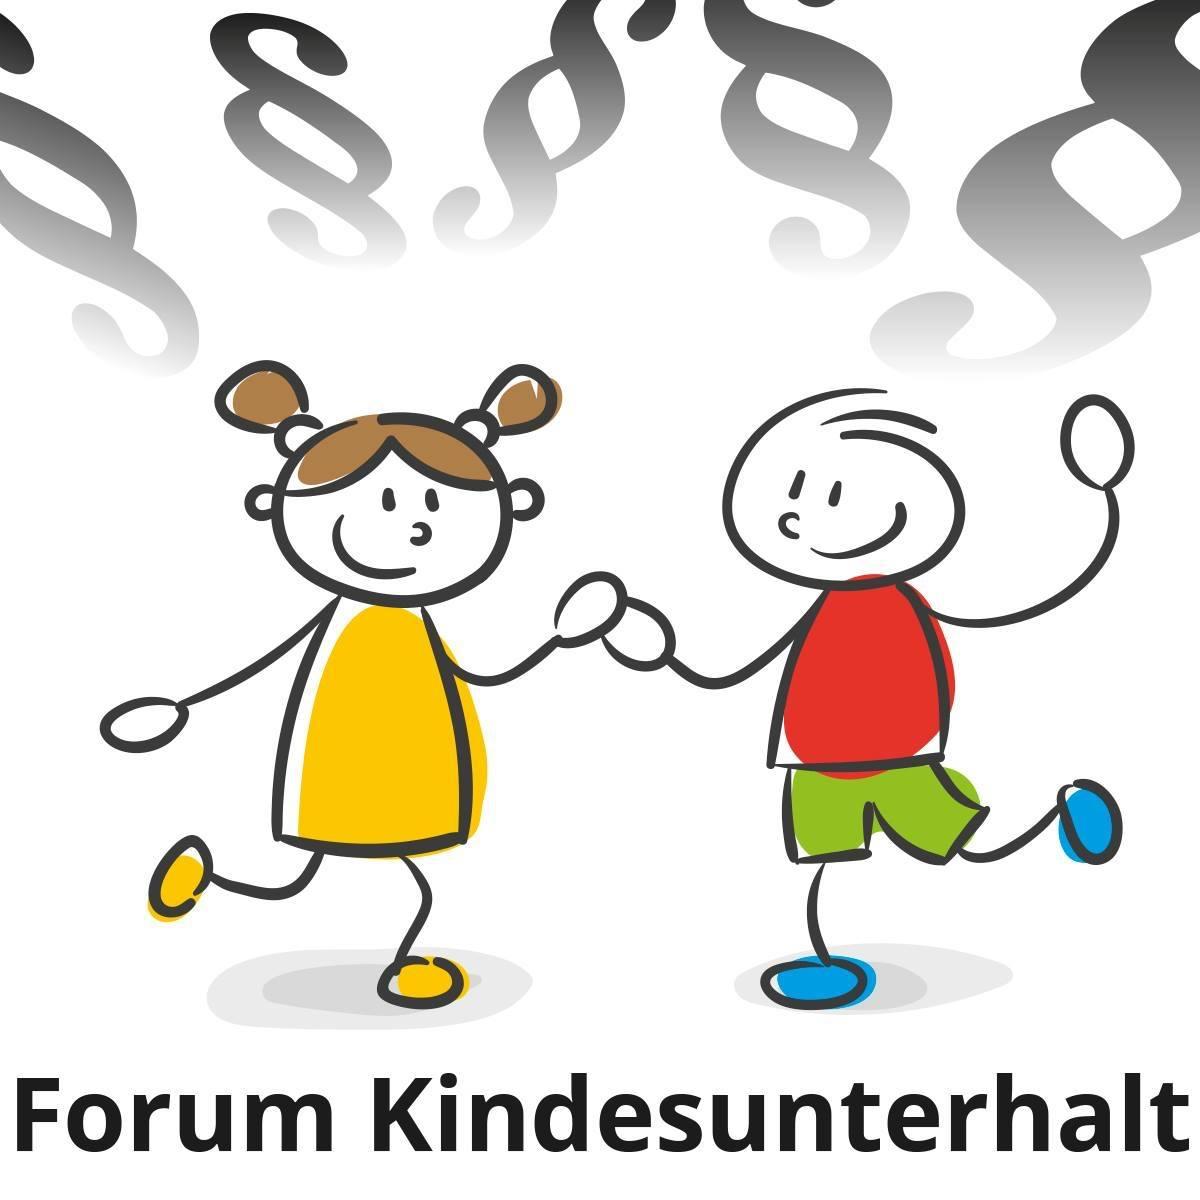 forum kindesunterhalt